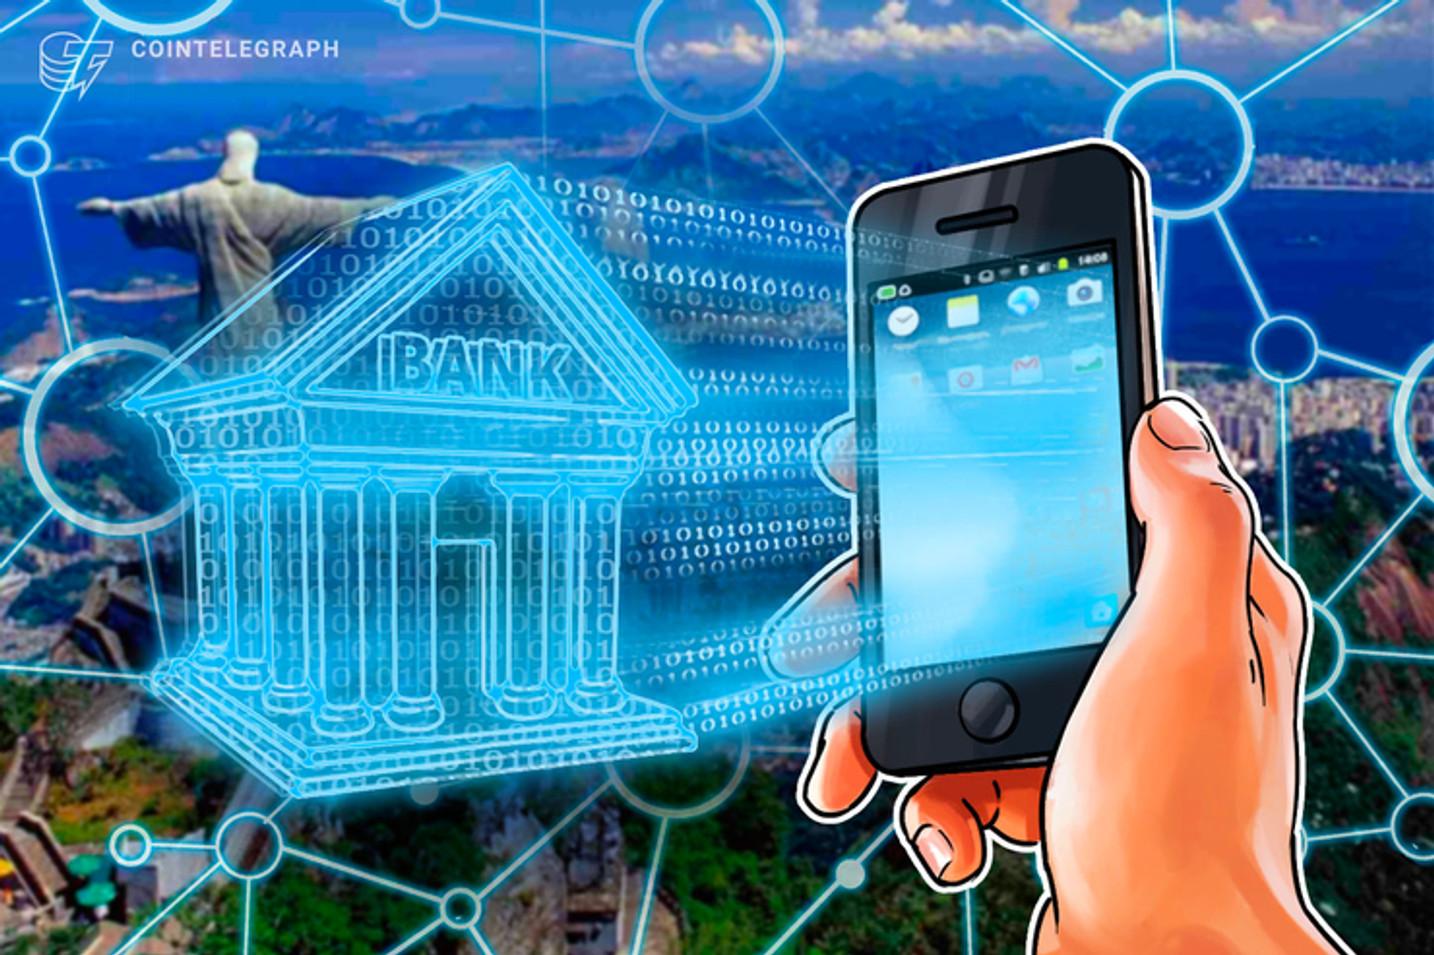 Grupo Bitcoin Banco vai vender iphone 8; clientes da NegocieCoins com saques atrasados tem prioridade